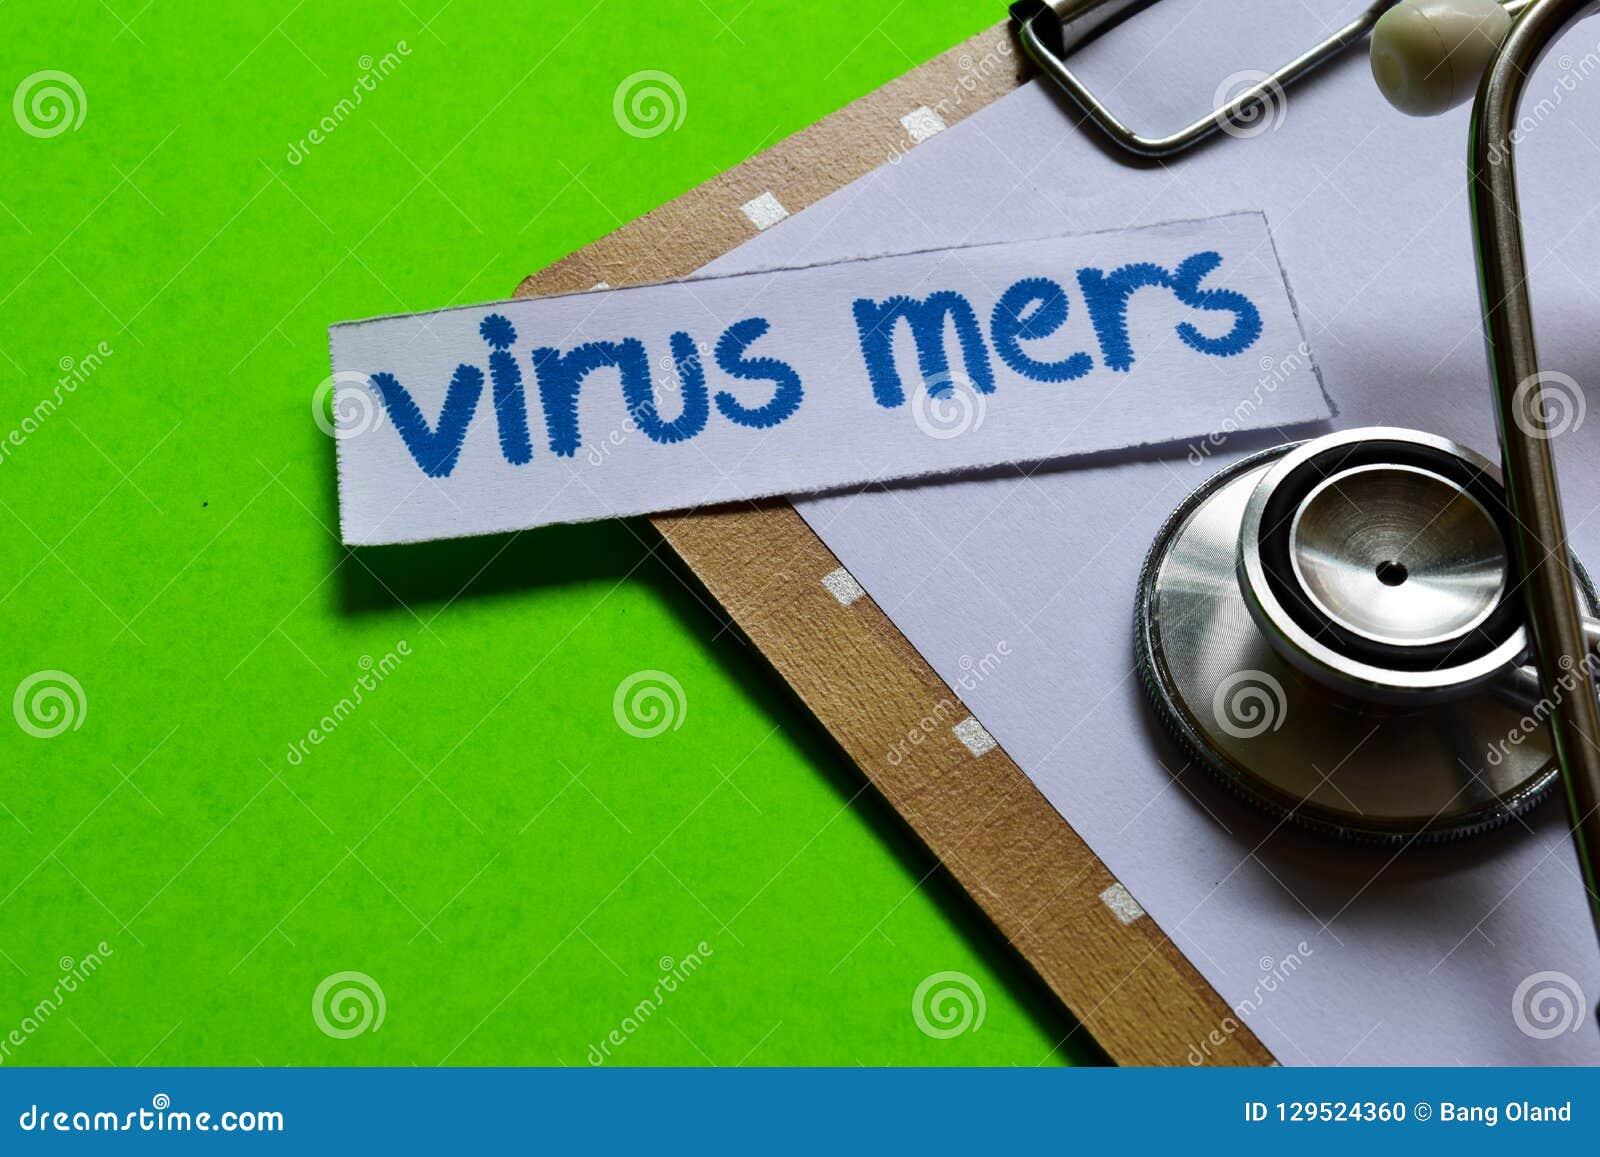 Mers de virus sur le concept de soins de santé avec le fond vert